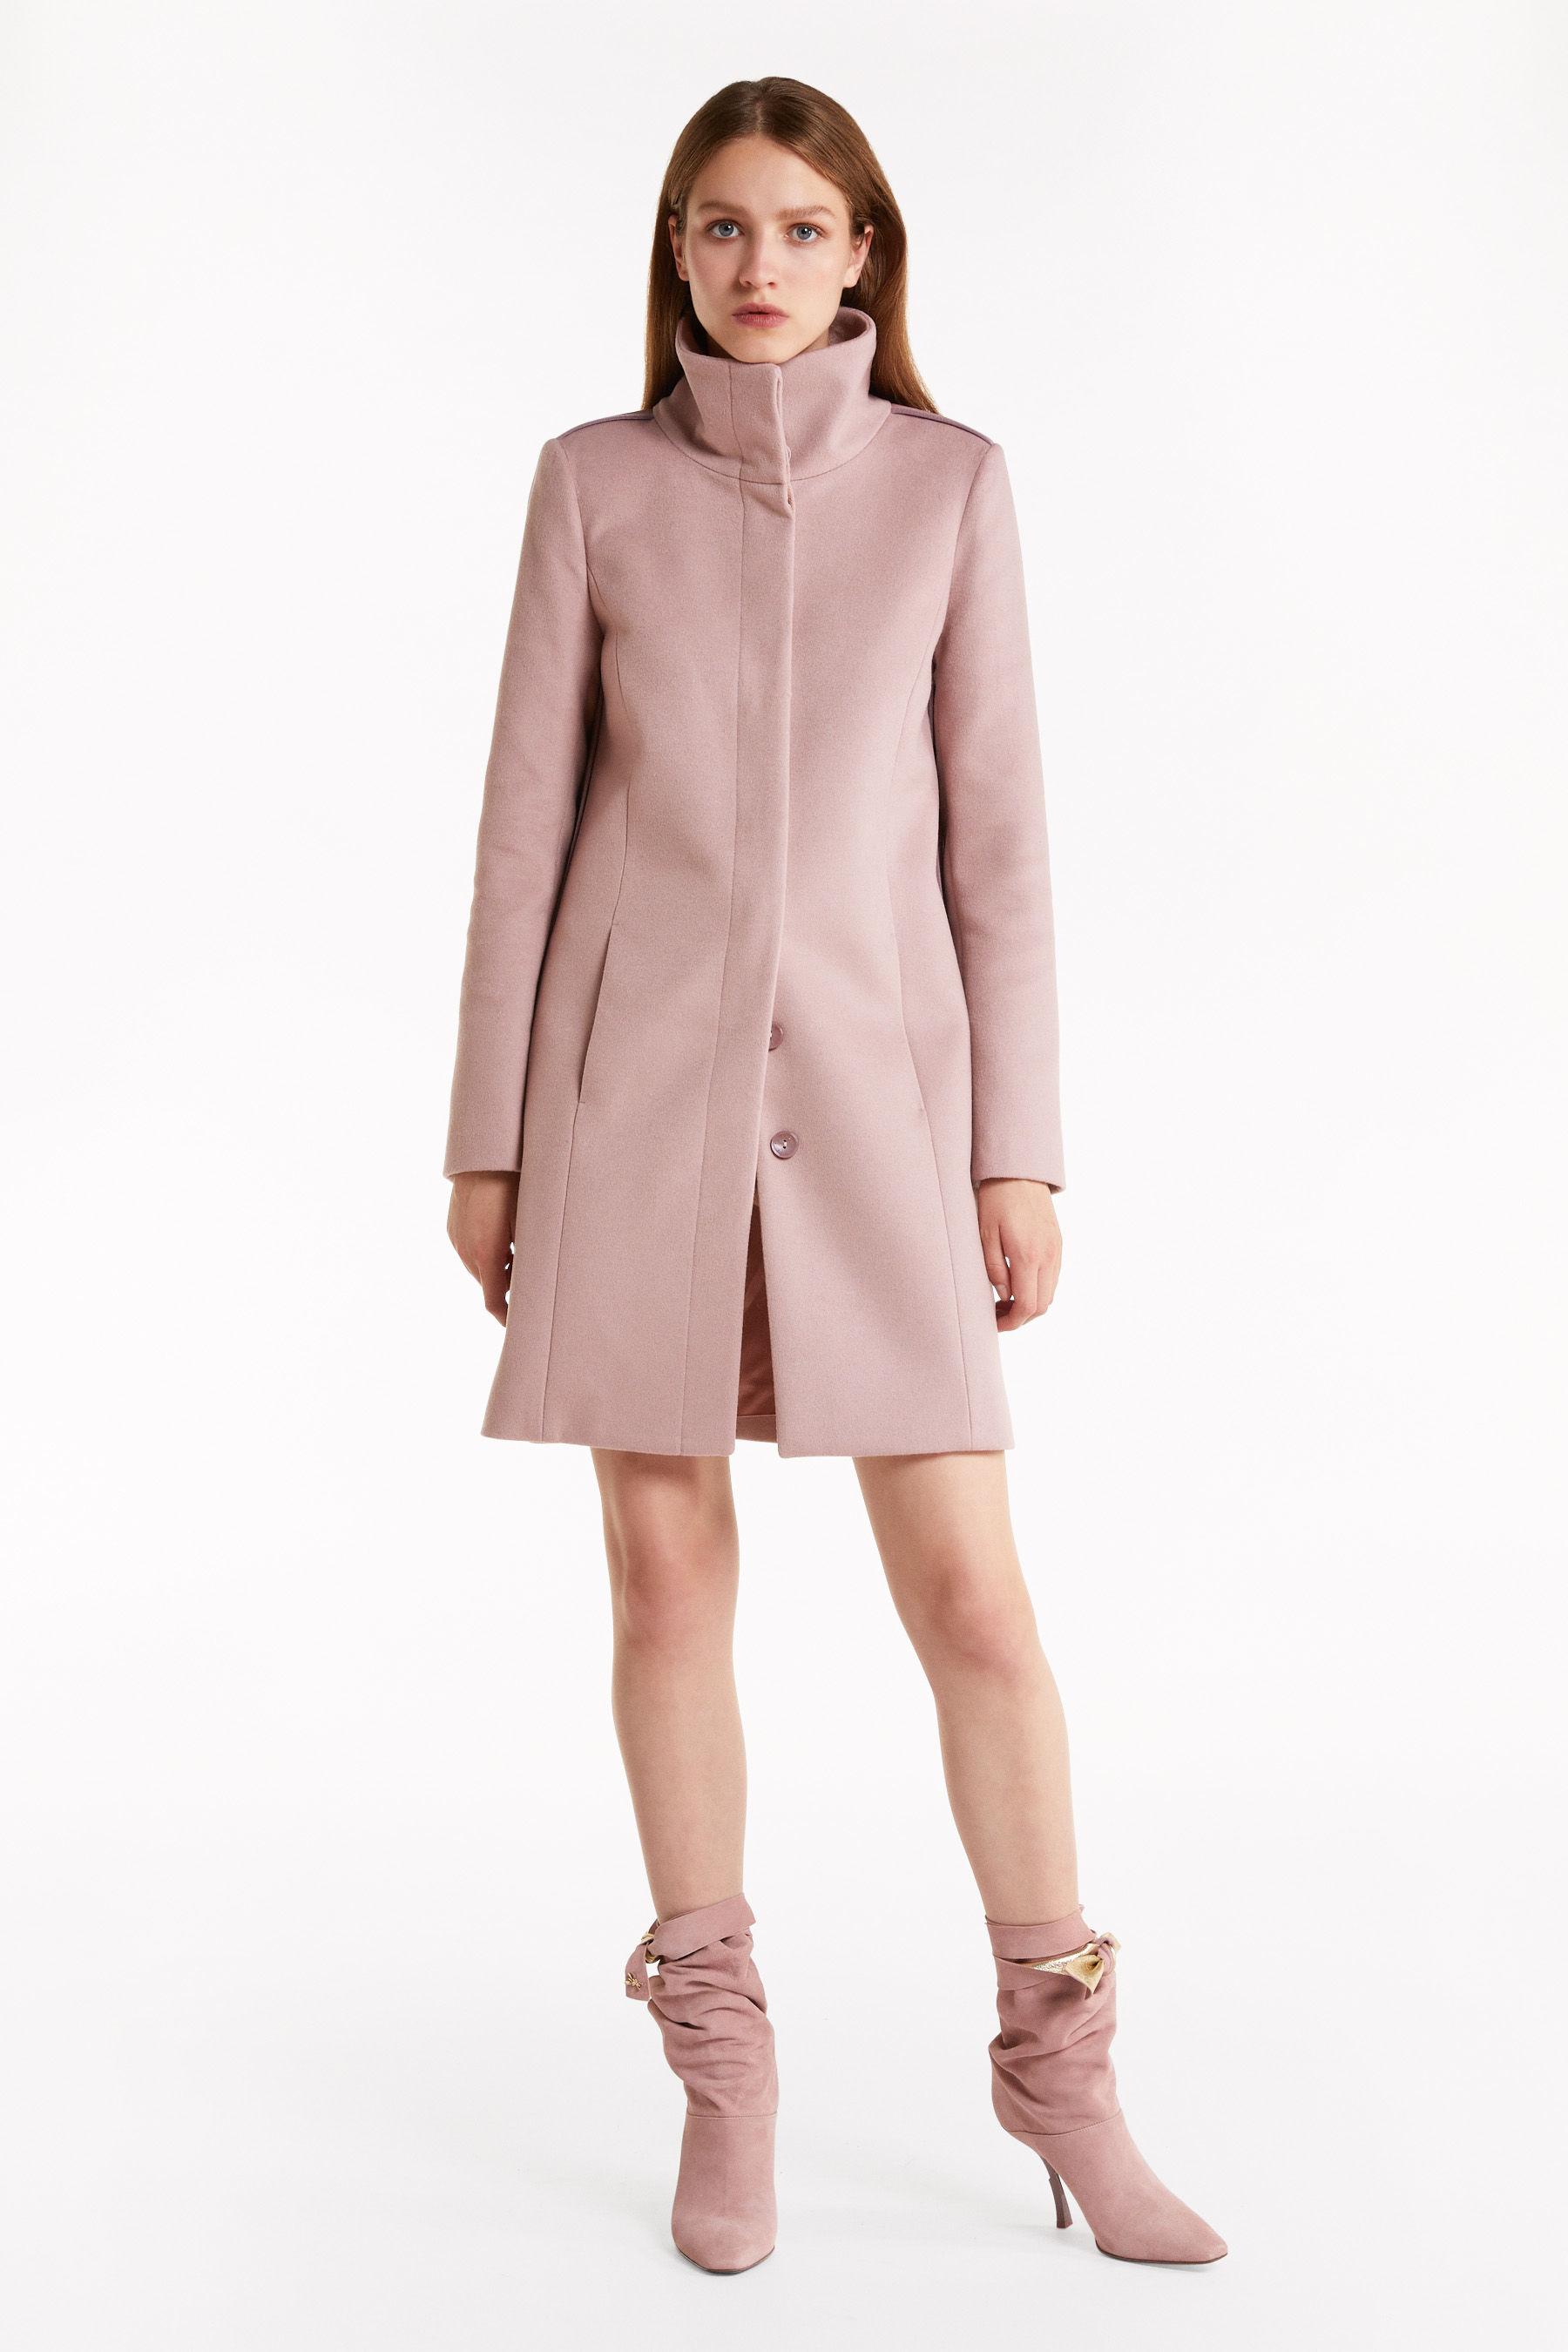 Cappotto in panno di lana collo in piedi